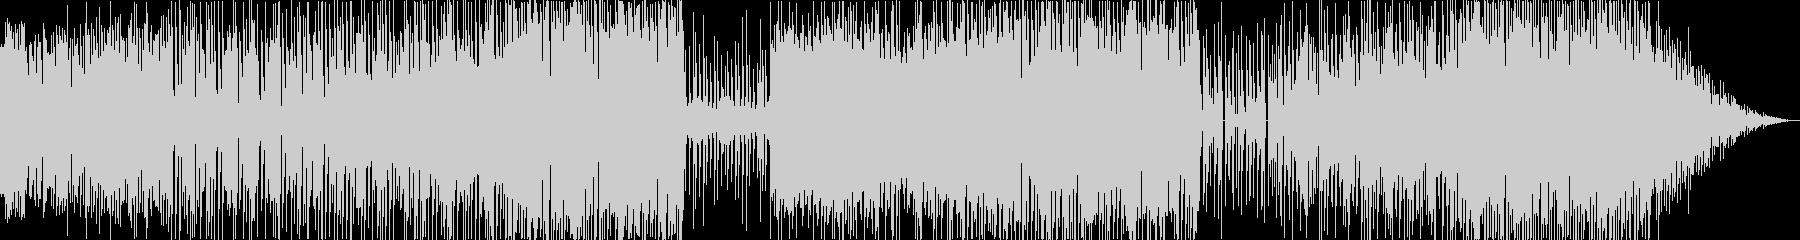 メリーゴーランドのように楽しい電子音楽の未再生の波形